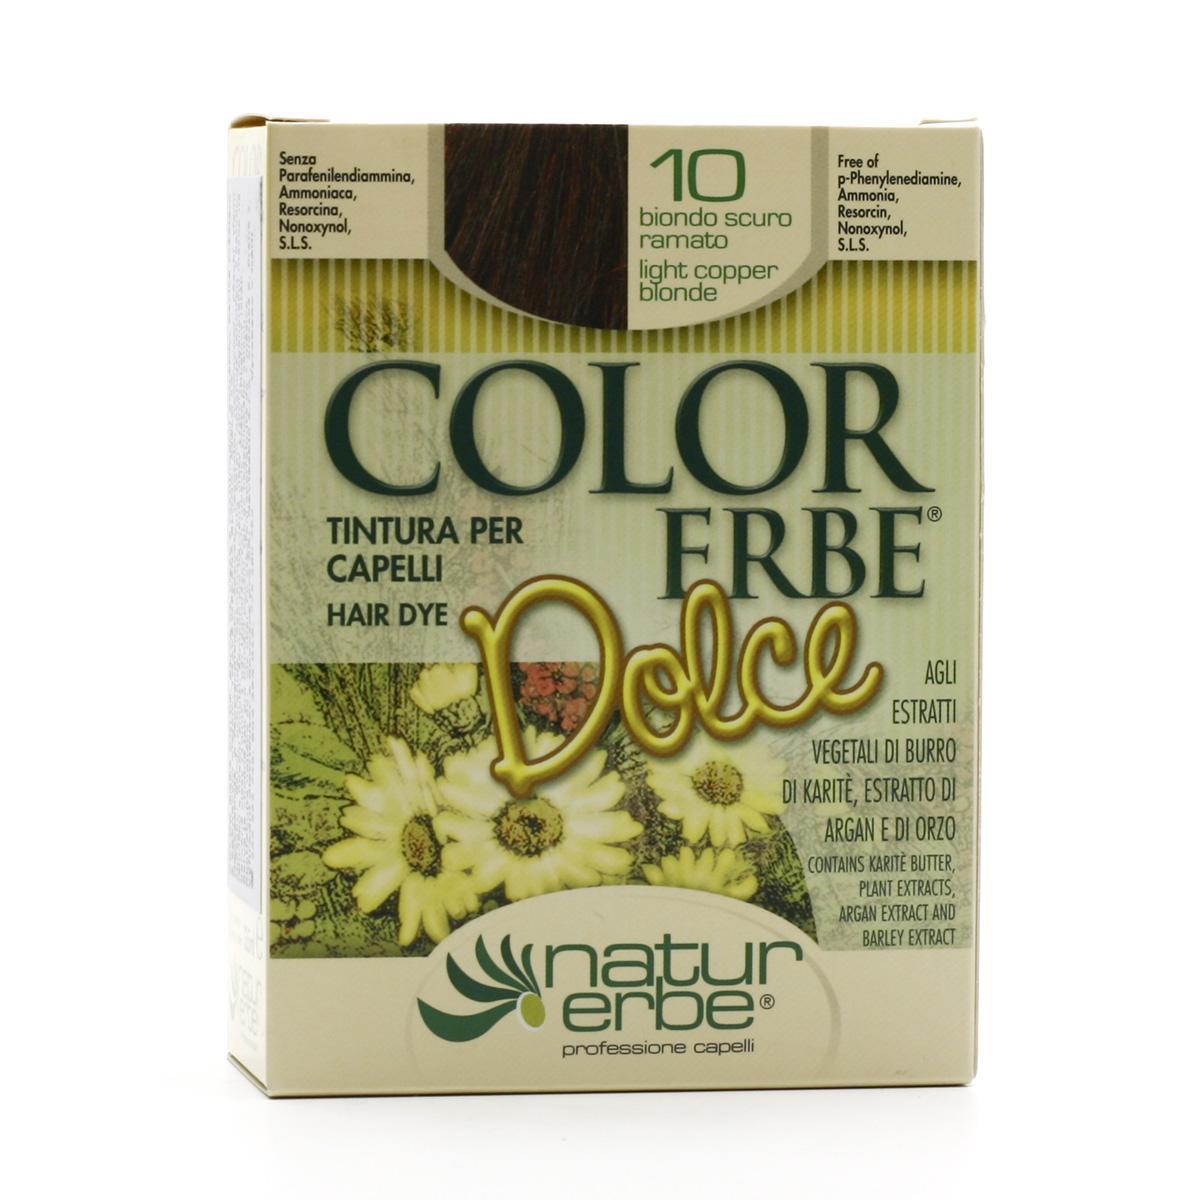 Color Erbe Barva na vlasy Měděná tmavá blond 10, Dolce 135 ml